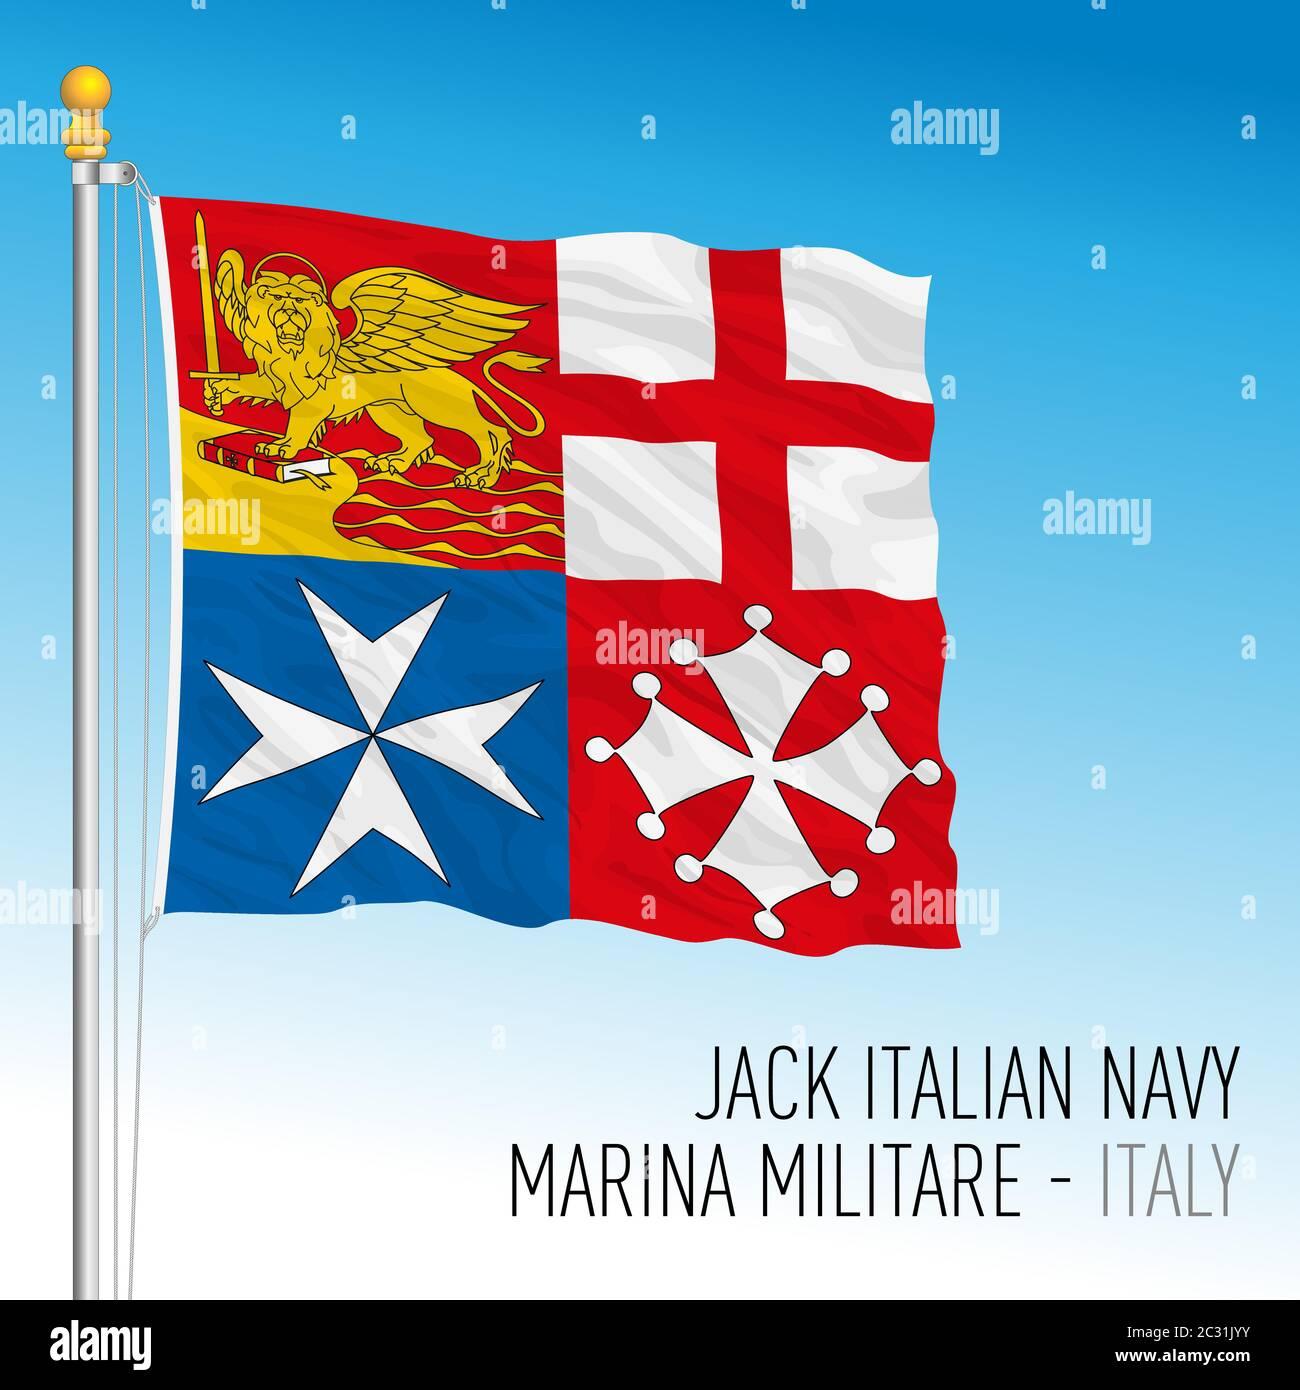 Bandiera jack della Marina militare Italiana, Italia, illustrazione vettoriale Illustrazione Vettoriale